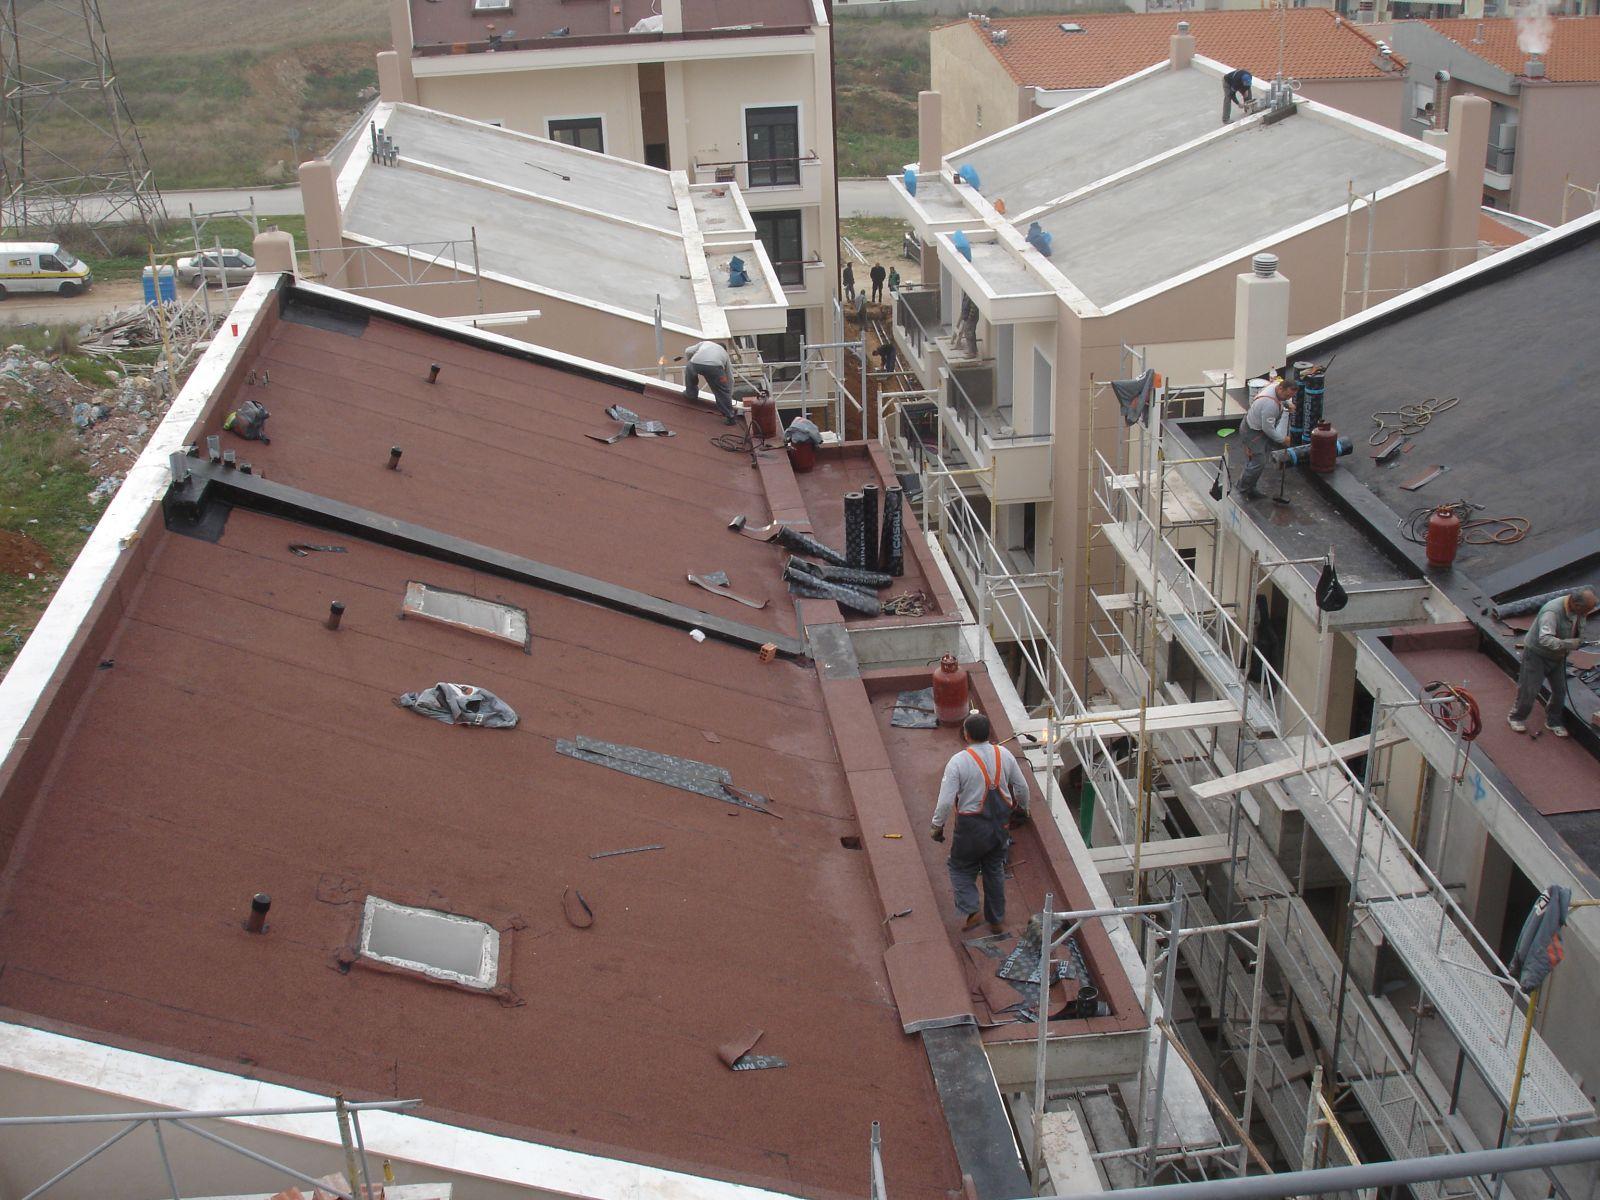 Θερμομόνωση κεκλιμένων στεγών σκυροδέματος με Politerm Blu σε συγκρότημα κατοικιών στην Πυλαία Θεσσαλονίκης επιφάνειας 1.000sqm